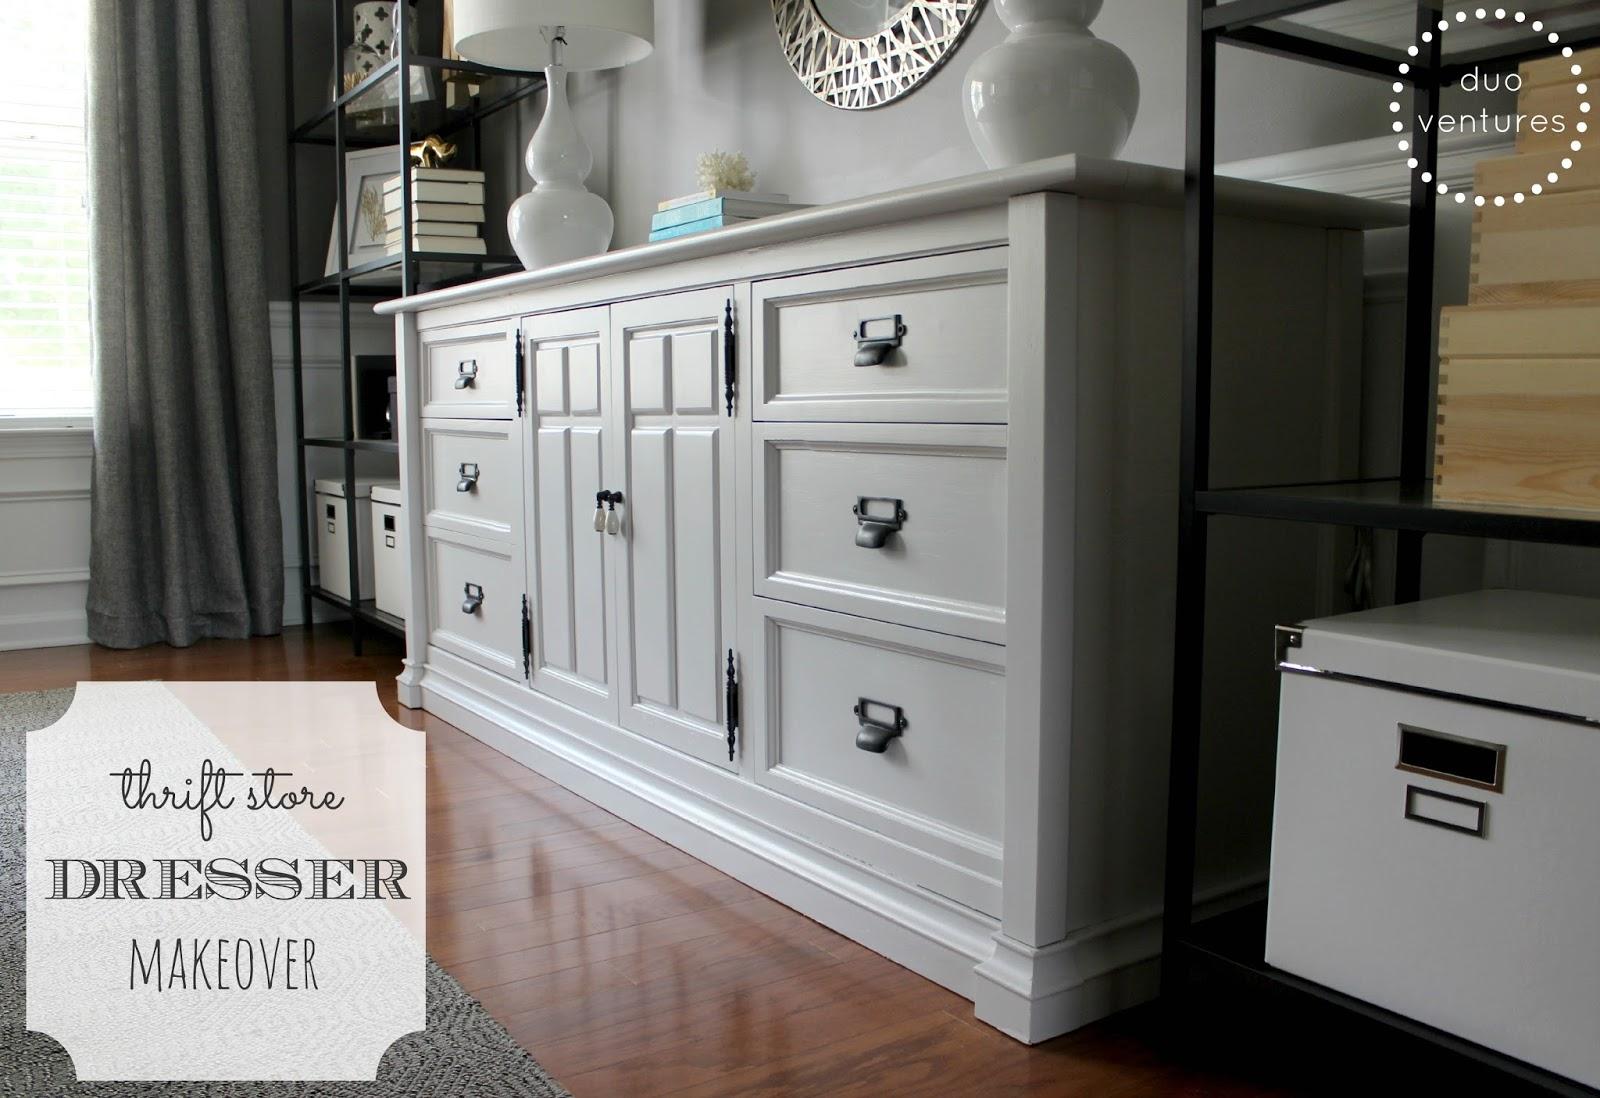 Duo Ventures Office Storage Thrift Store Dresser Makeover